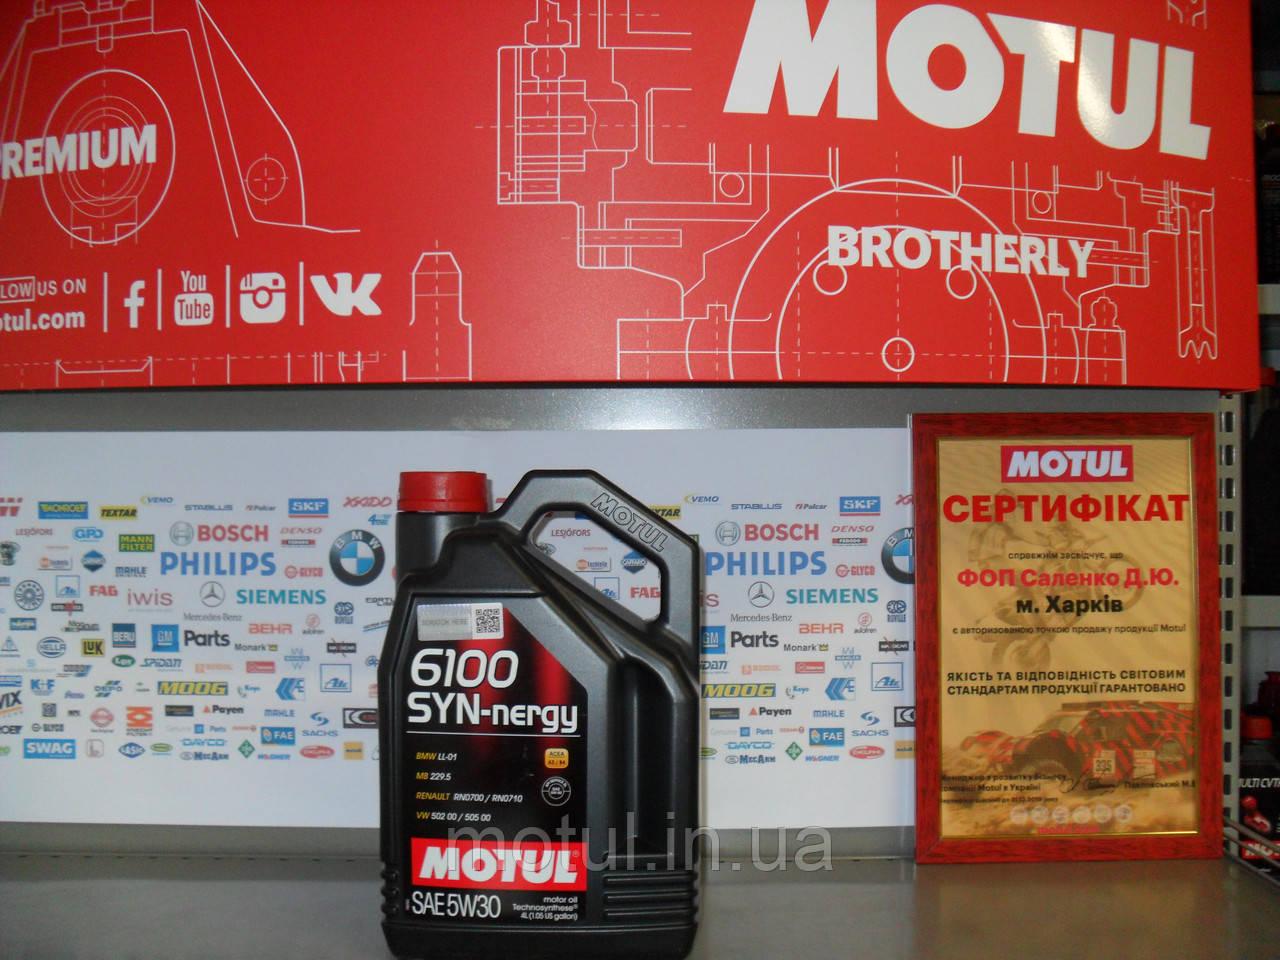 Моторне масло Motul 6100 syn-nergy 5w30 5л